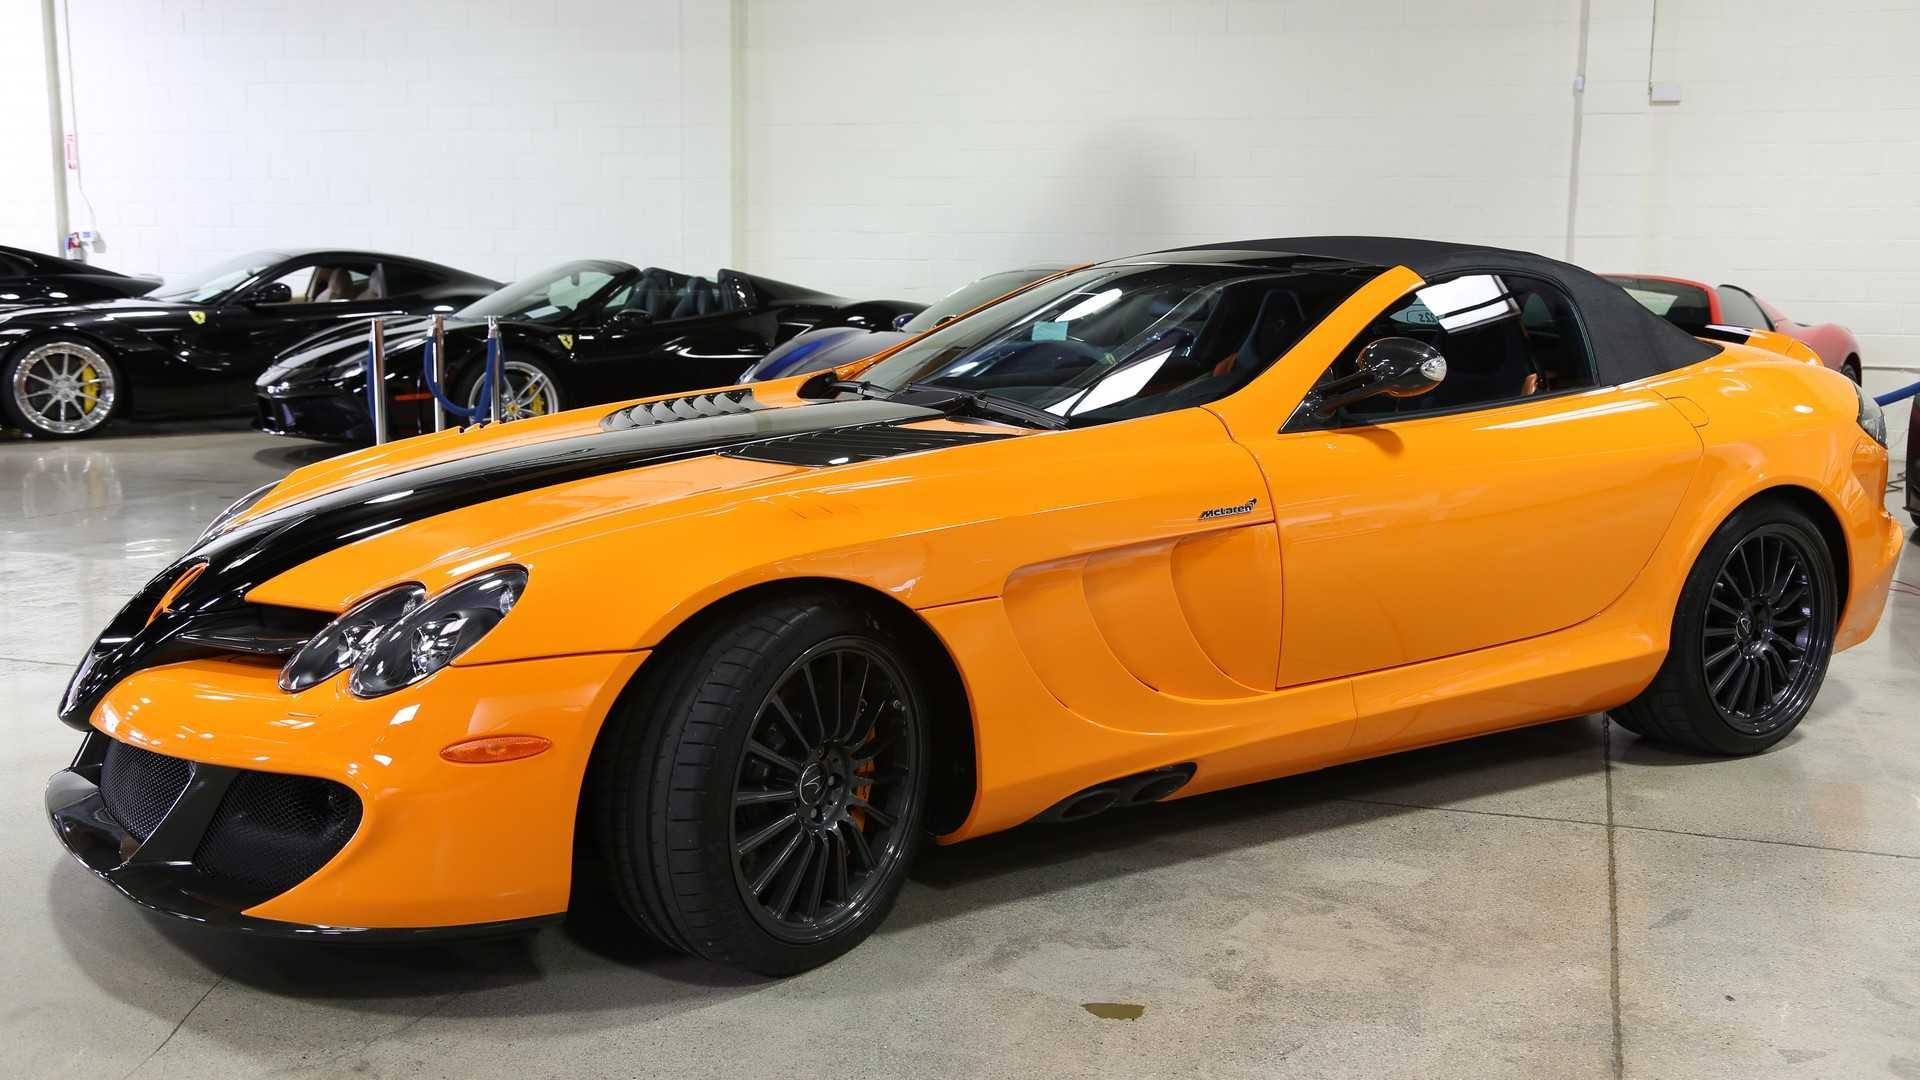 Mercedes-McLaren_SLR_722S_Roadster_McLaren_Edition_0004